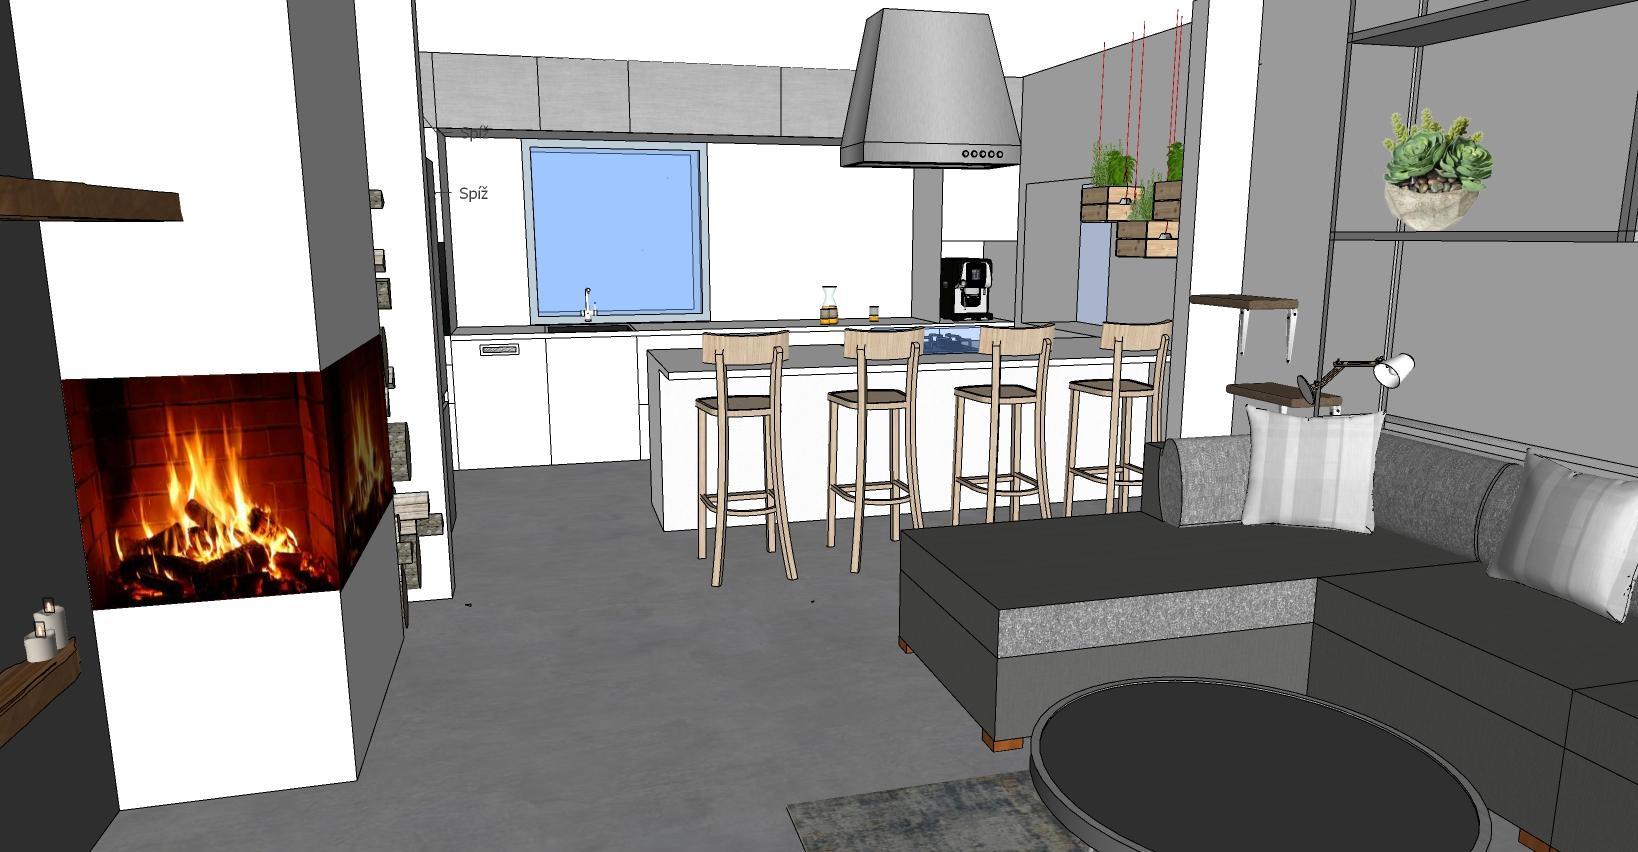 Modelování kuchyně, zatím takto :-) - Obrázek č. 1